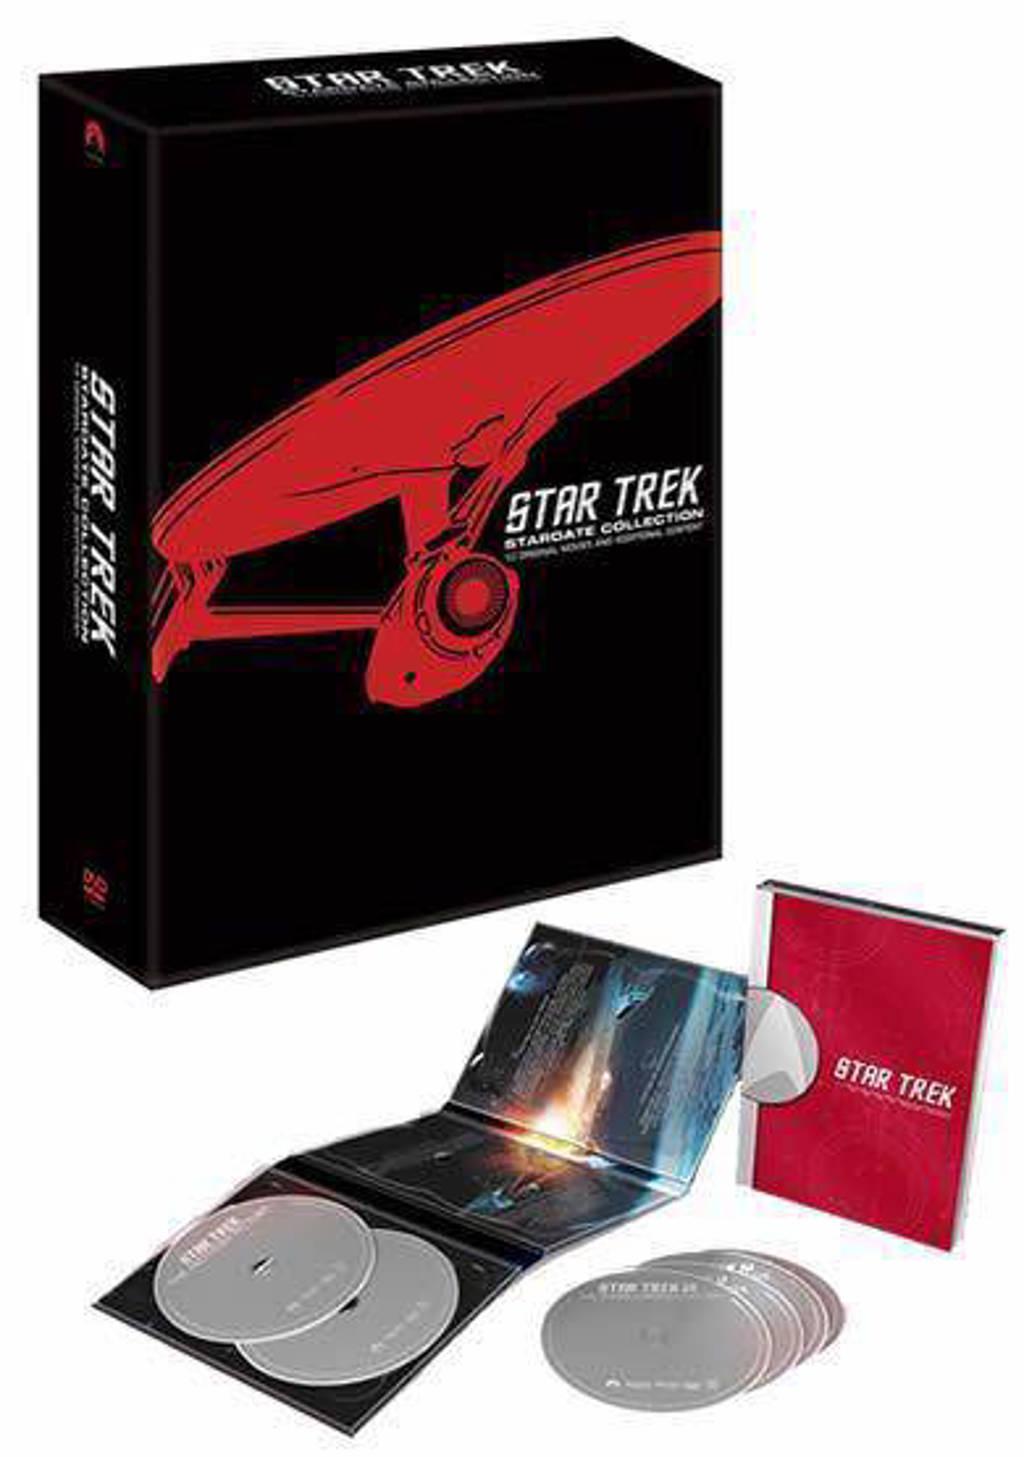 Star trek - Stardate collection (DVD)